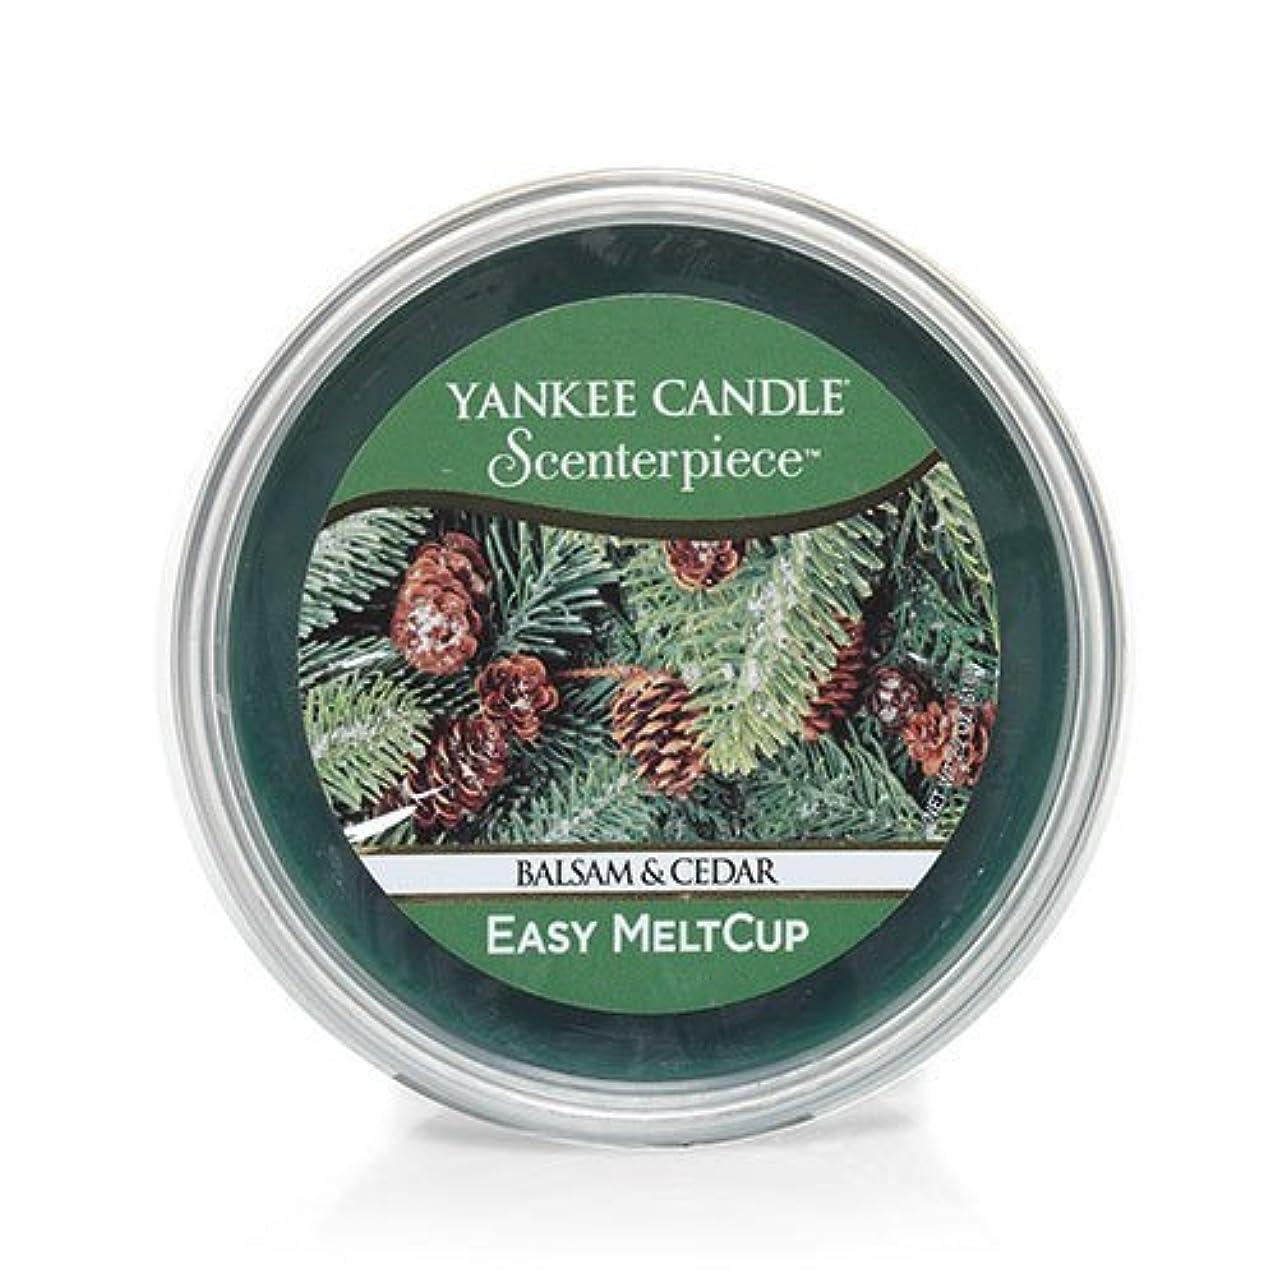 法律頭痛敬意(ヤンキーキャンドル) Yankee Candle ラージ 22オンス ジャーキャンドル バルサム&シダー Scenterpiece Easy MeltCups 1316938-YC